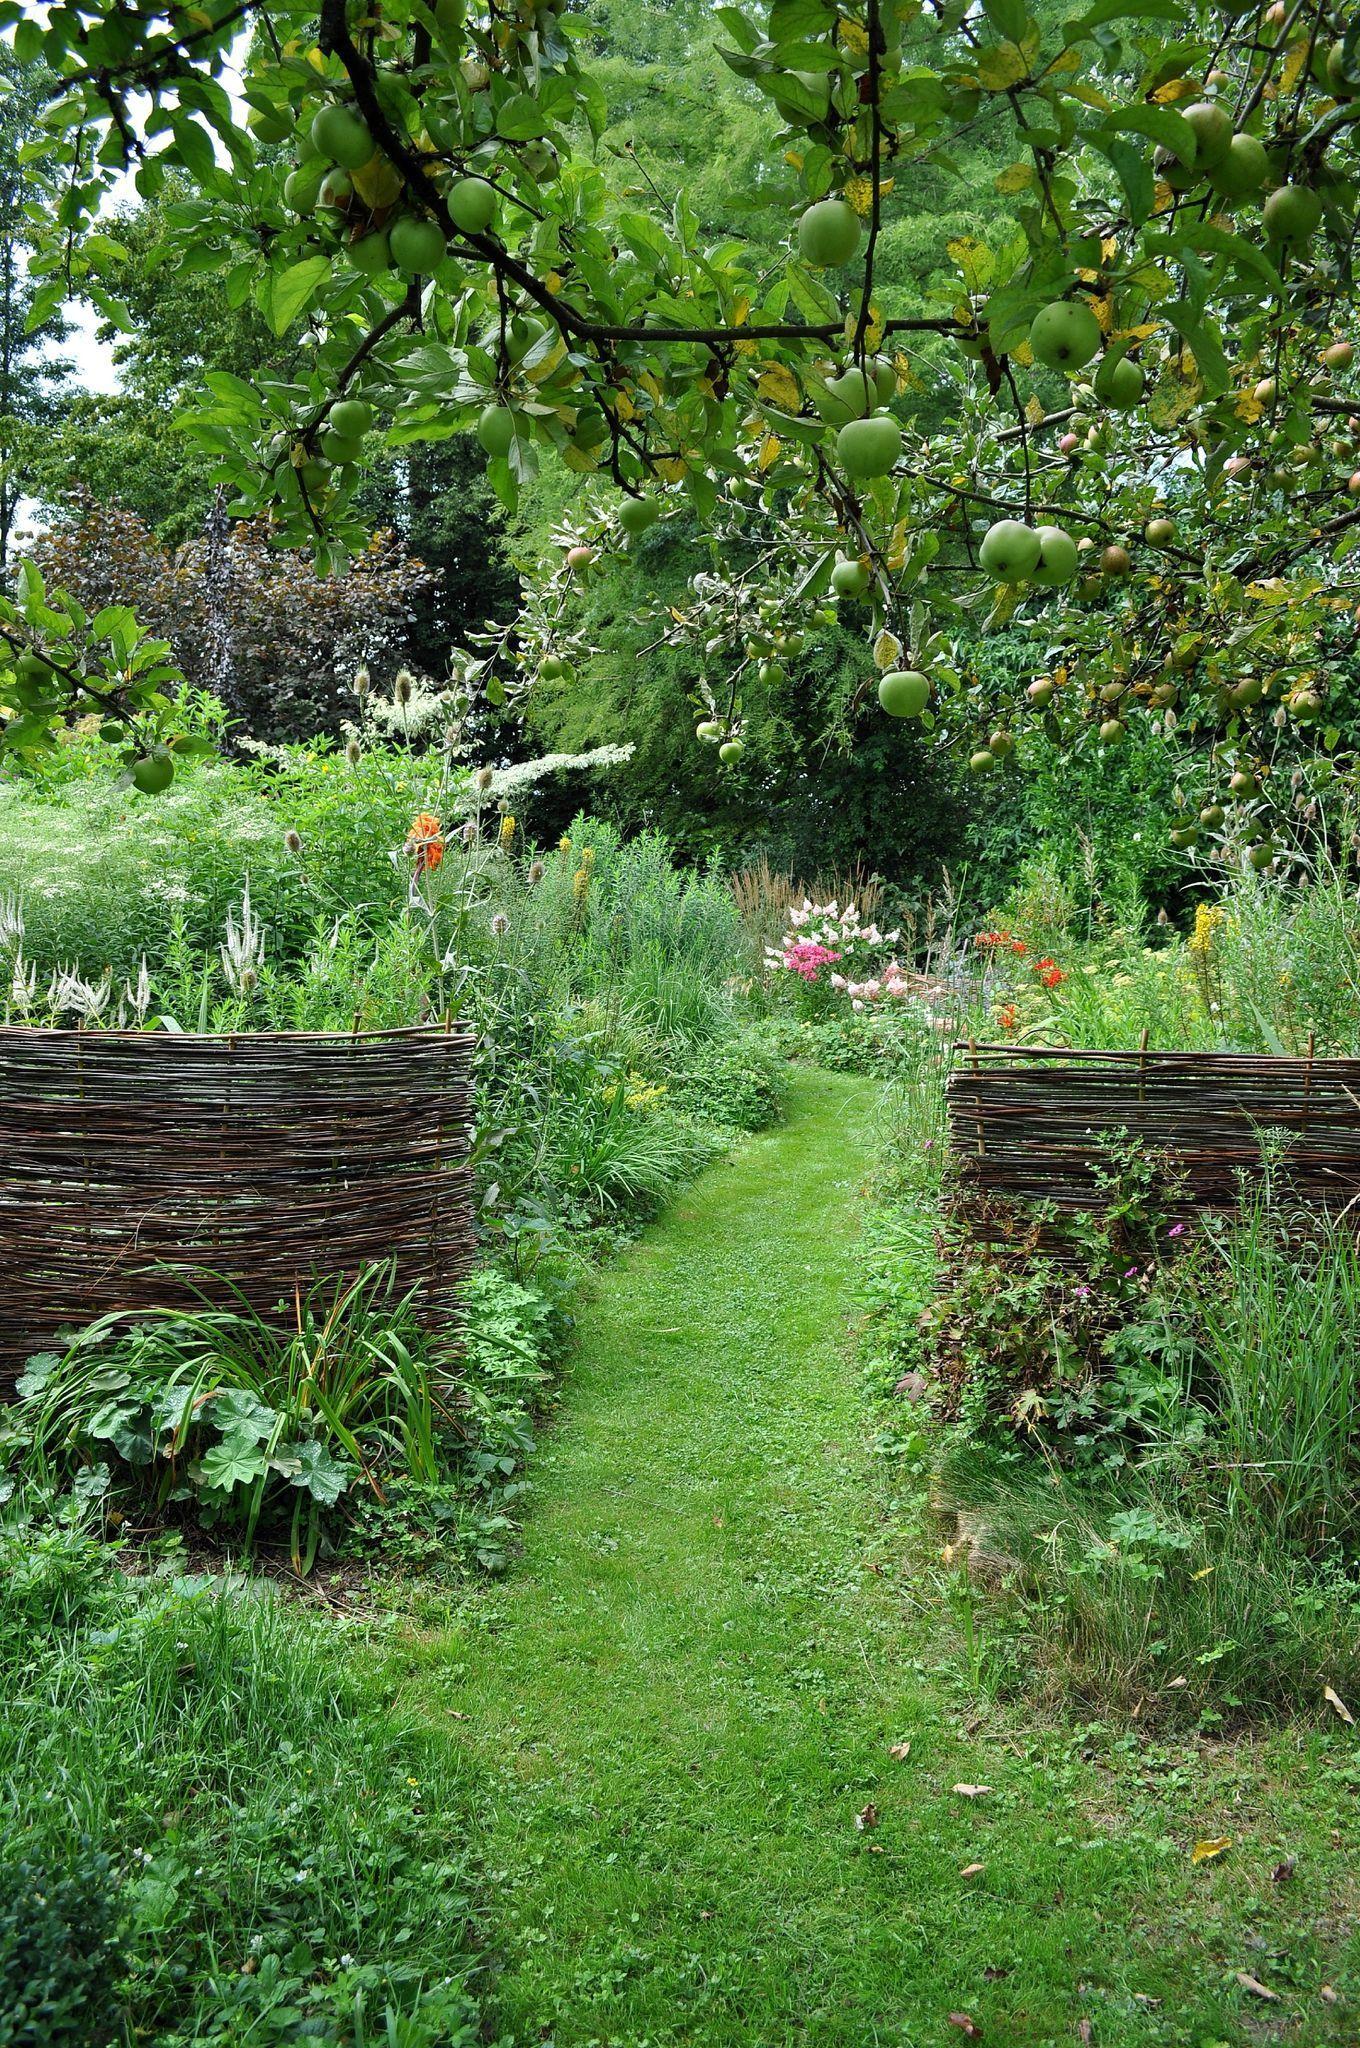 Im Garten wächst essbares Unkraut - Haus und Beet - Welcome to Blog